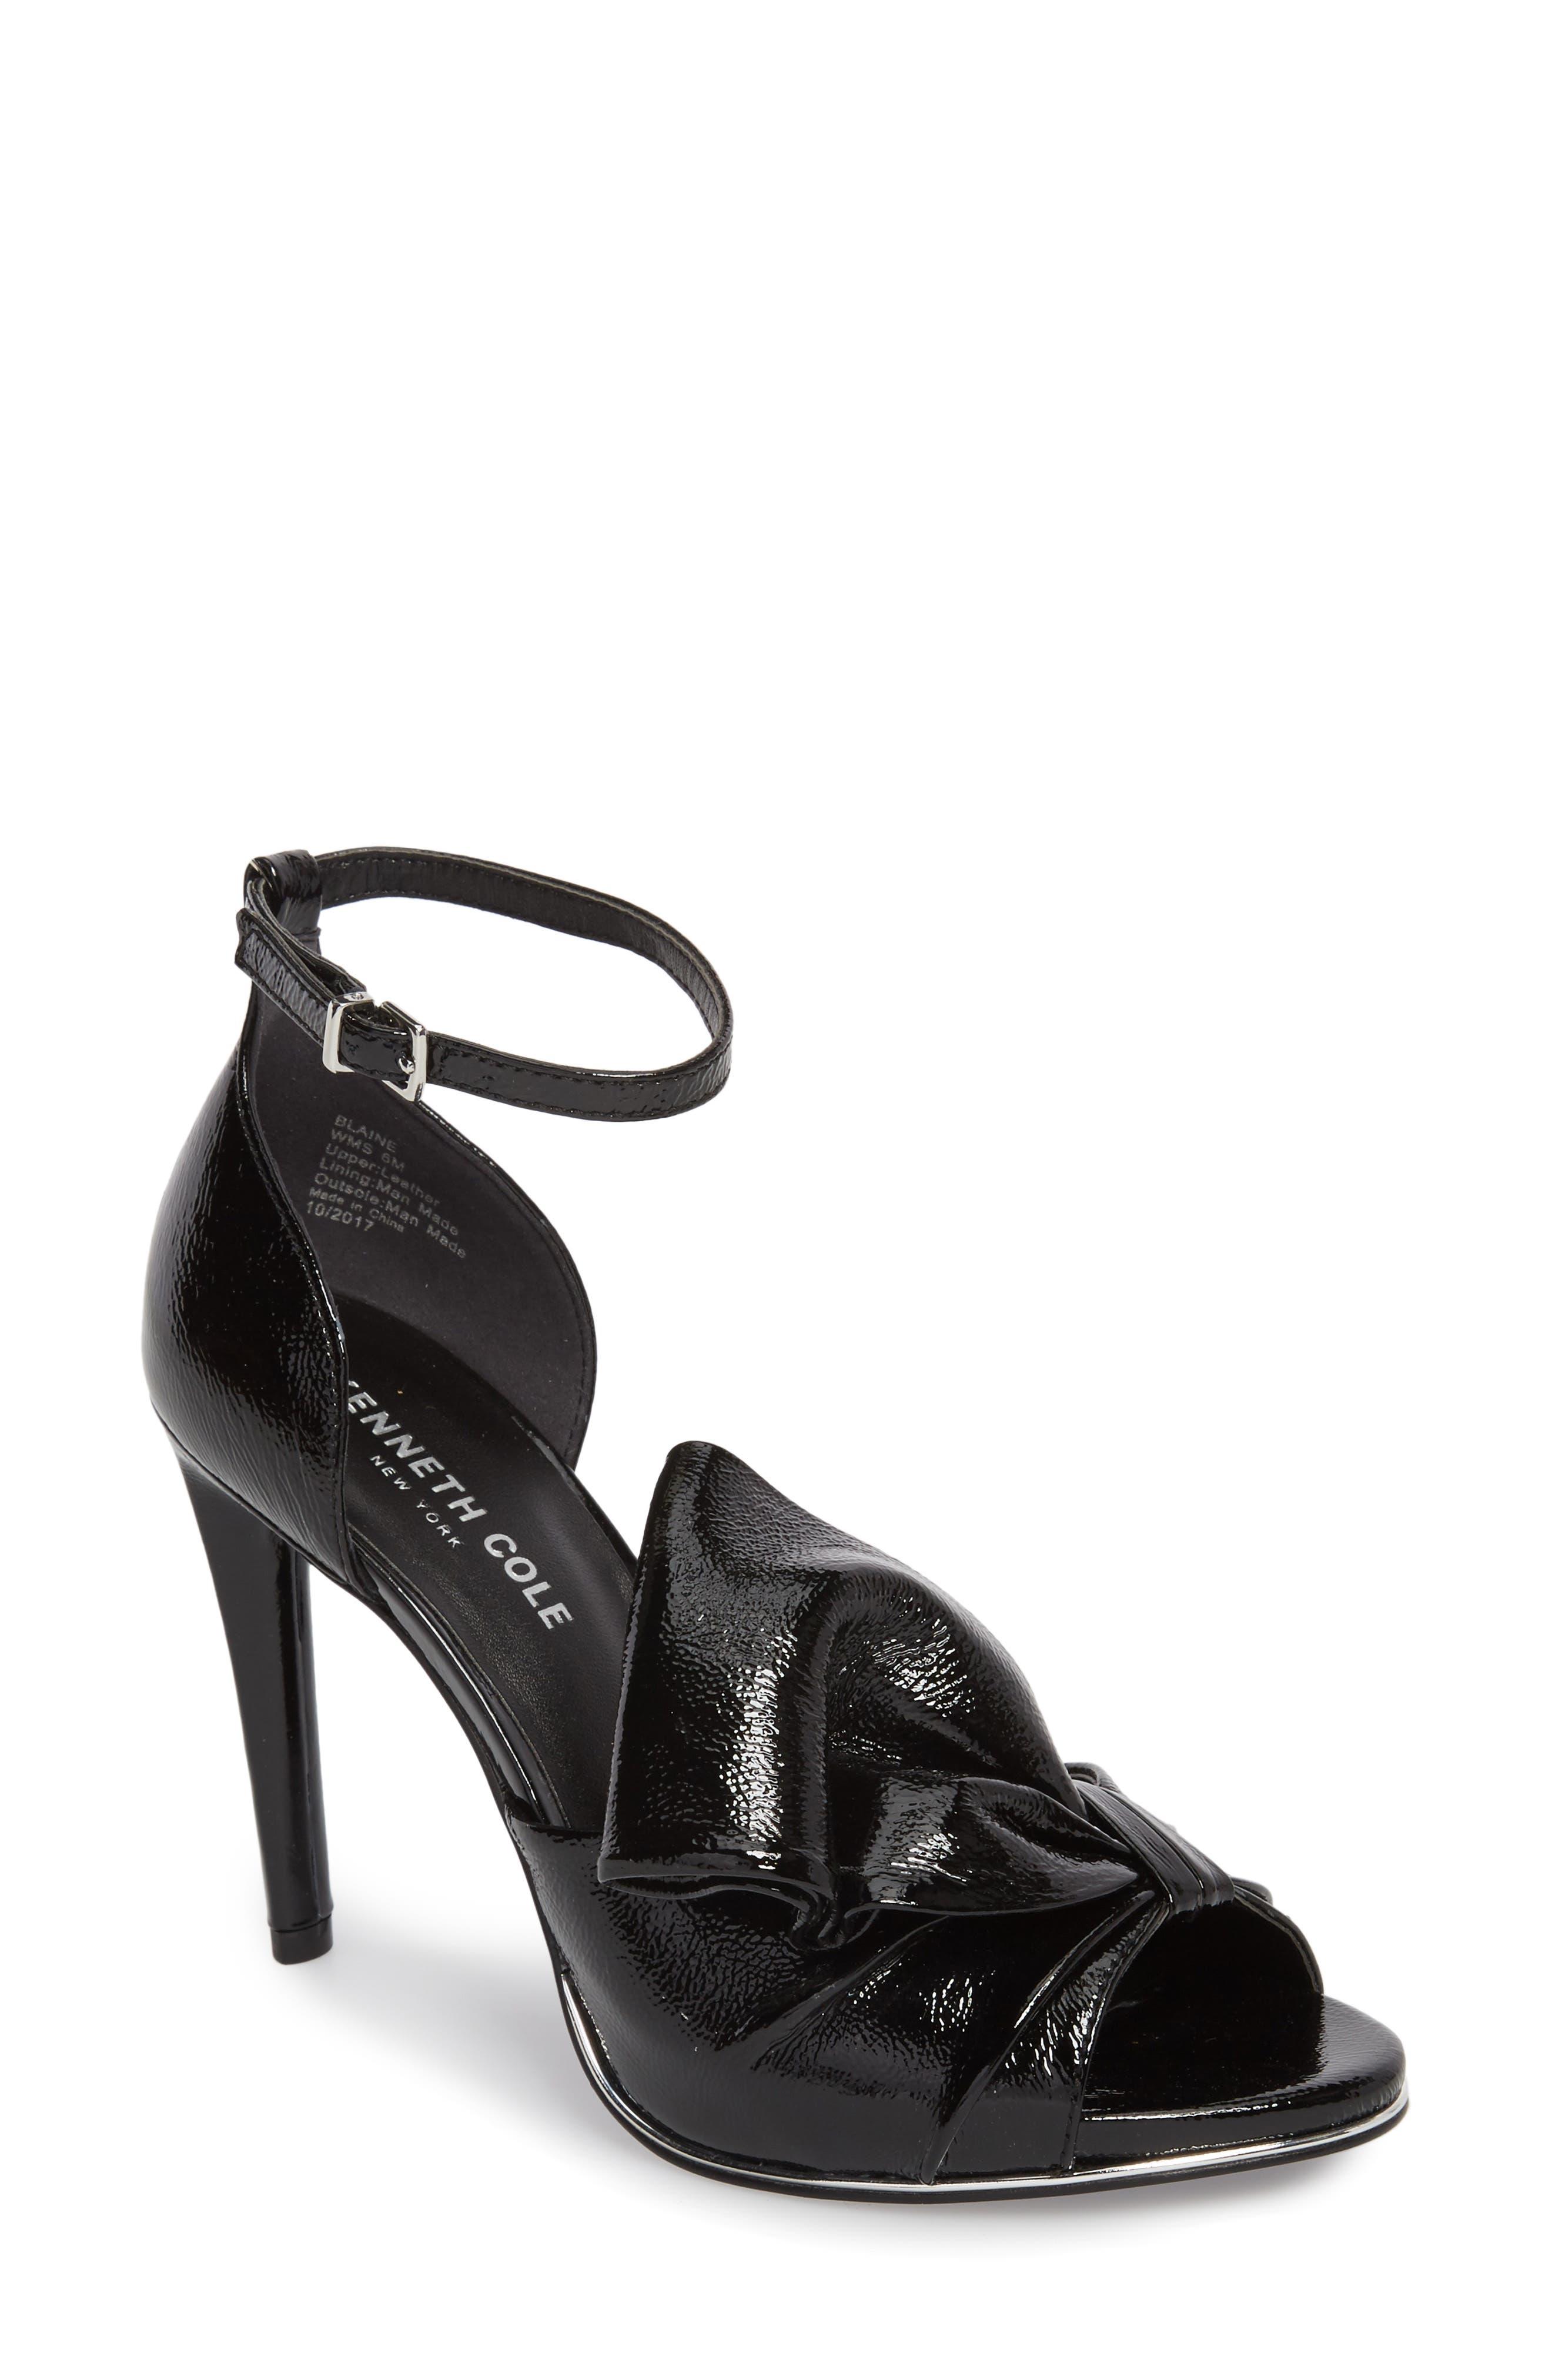 Blaine Ankle Strap Sandal,                         Main,                         color,